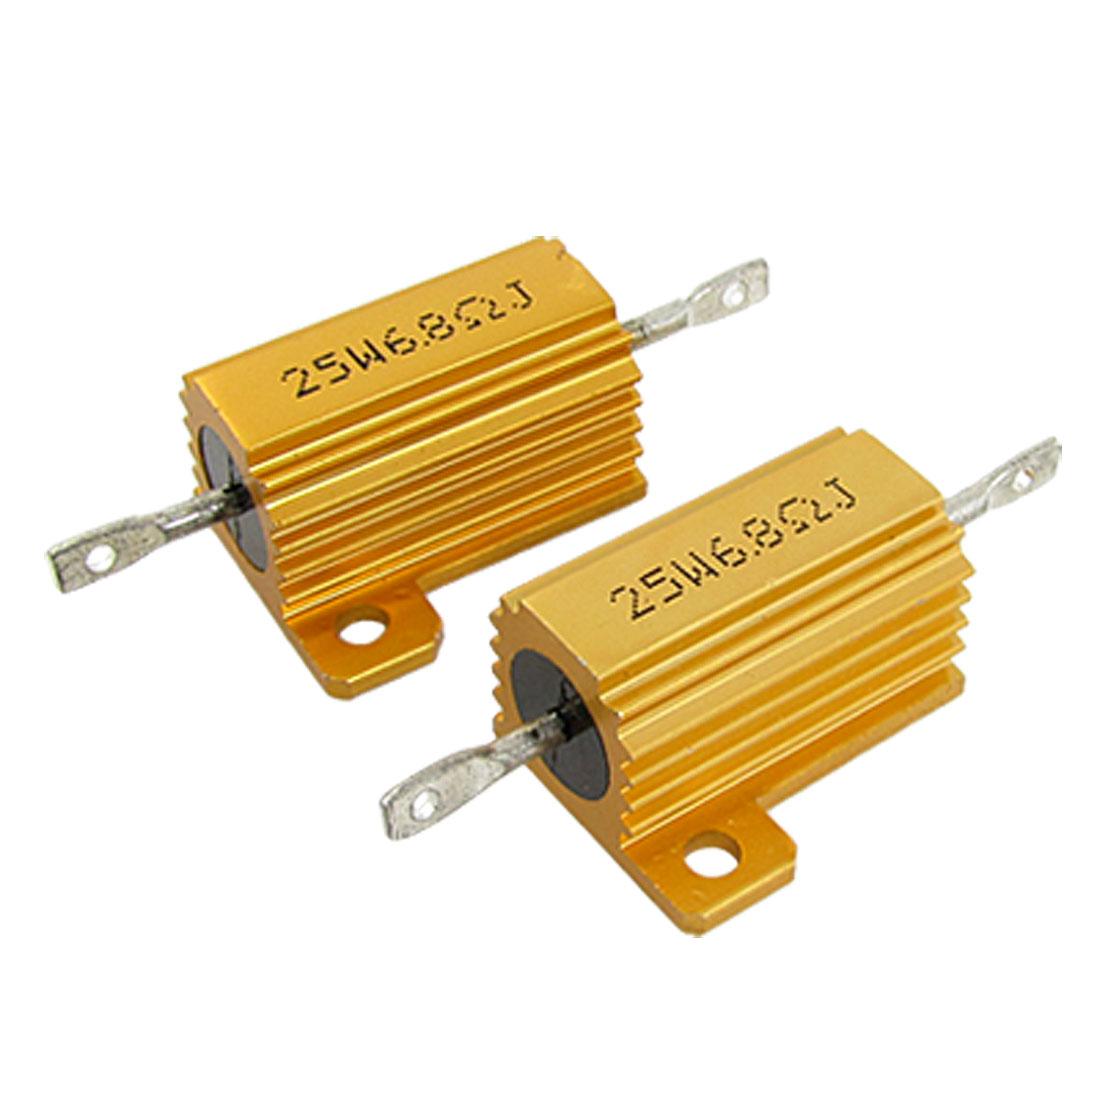 2 Pcs Gold Tone 25W 6.8 Ohm 5% Aluminum Case Wire Wound Resistors